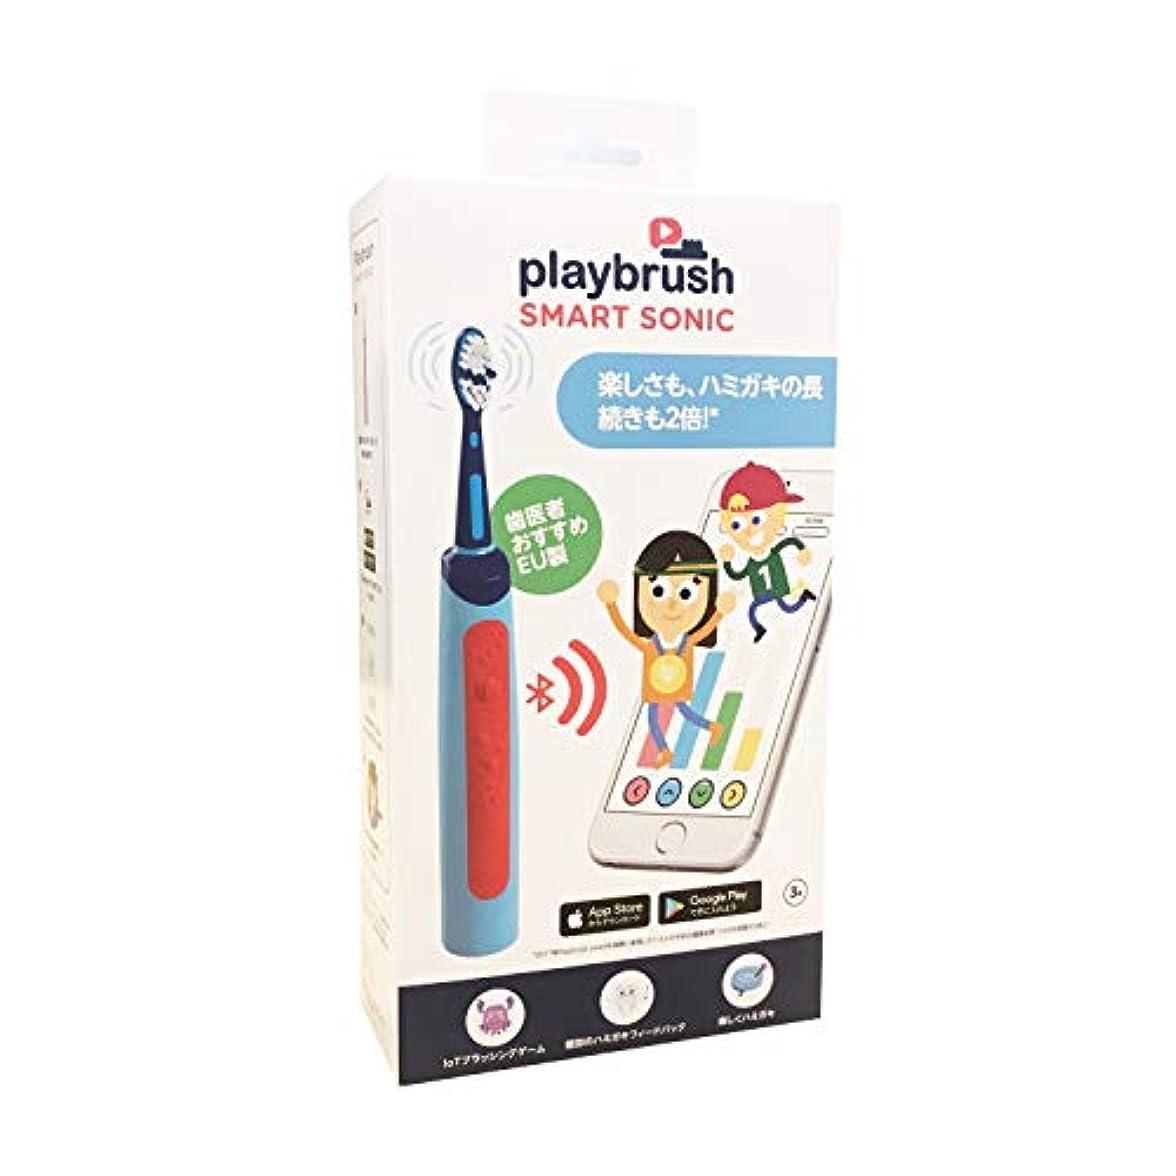 反乱これら脅威【ヨーロッパ製 アプリで正しいハミガキを身につけられる子供用 知育歯ブラシ】プレイブラッシュ スマート ソニック Playbrush Smart Sonic 子供用電動歯ブラシ 子供用